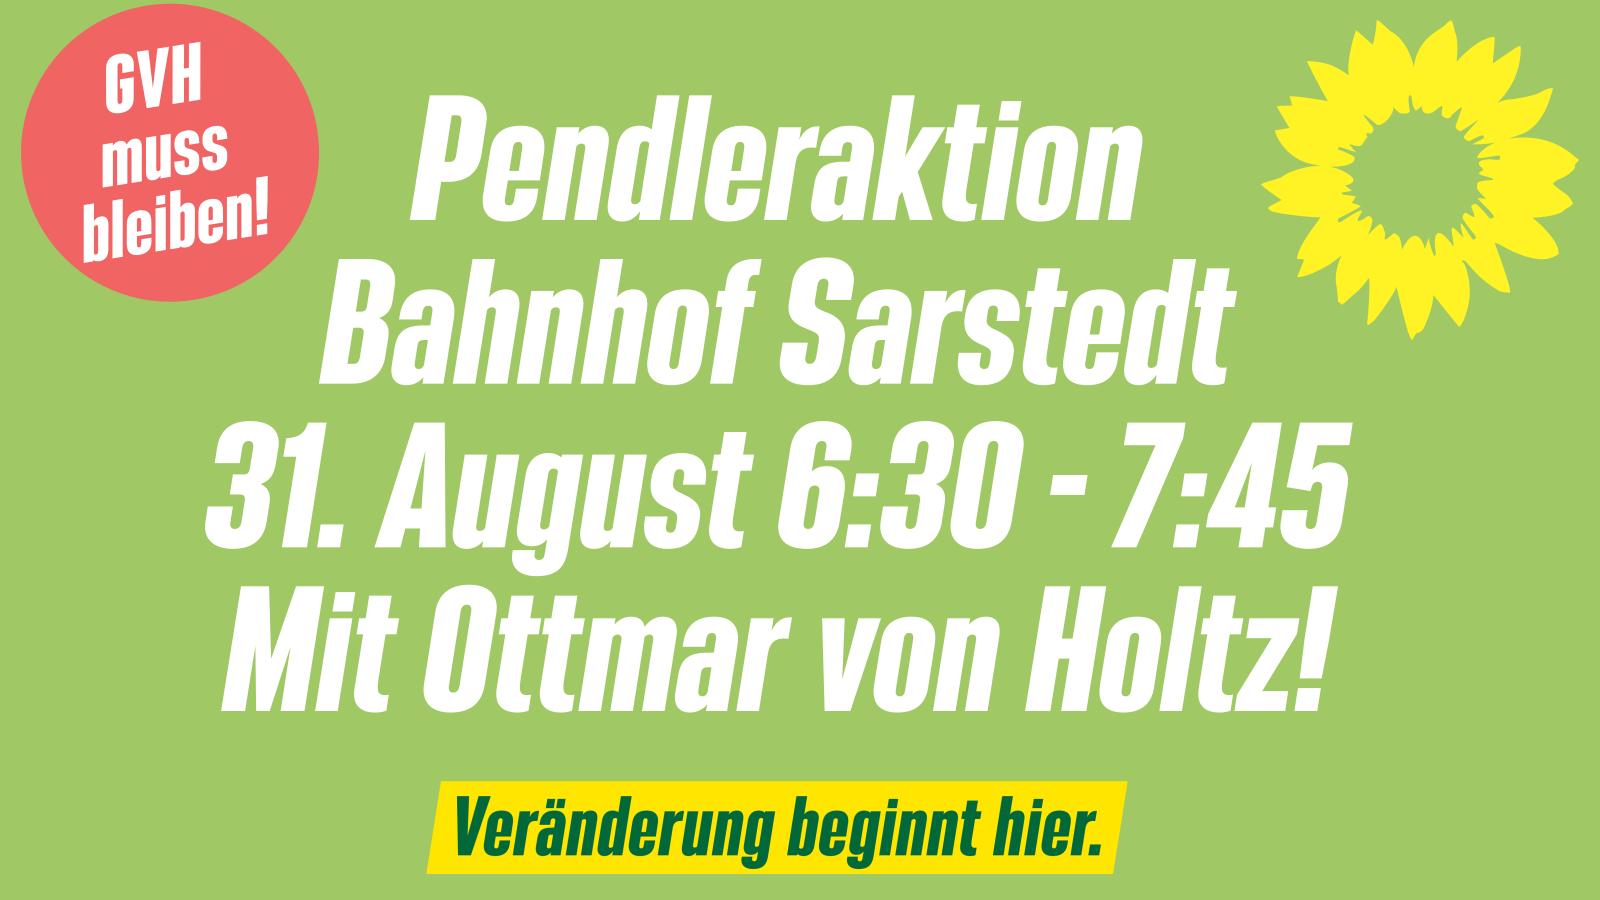 Pendleraktion mit Ottmar von Holtz!